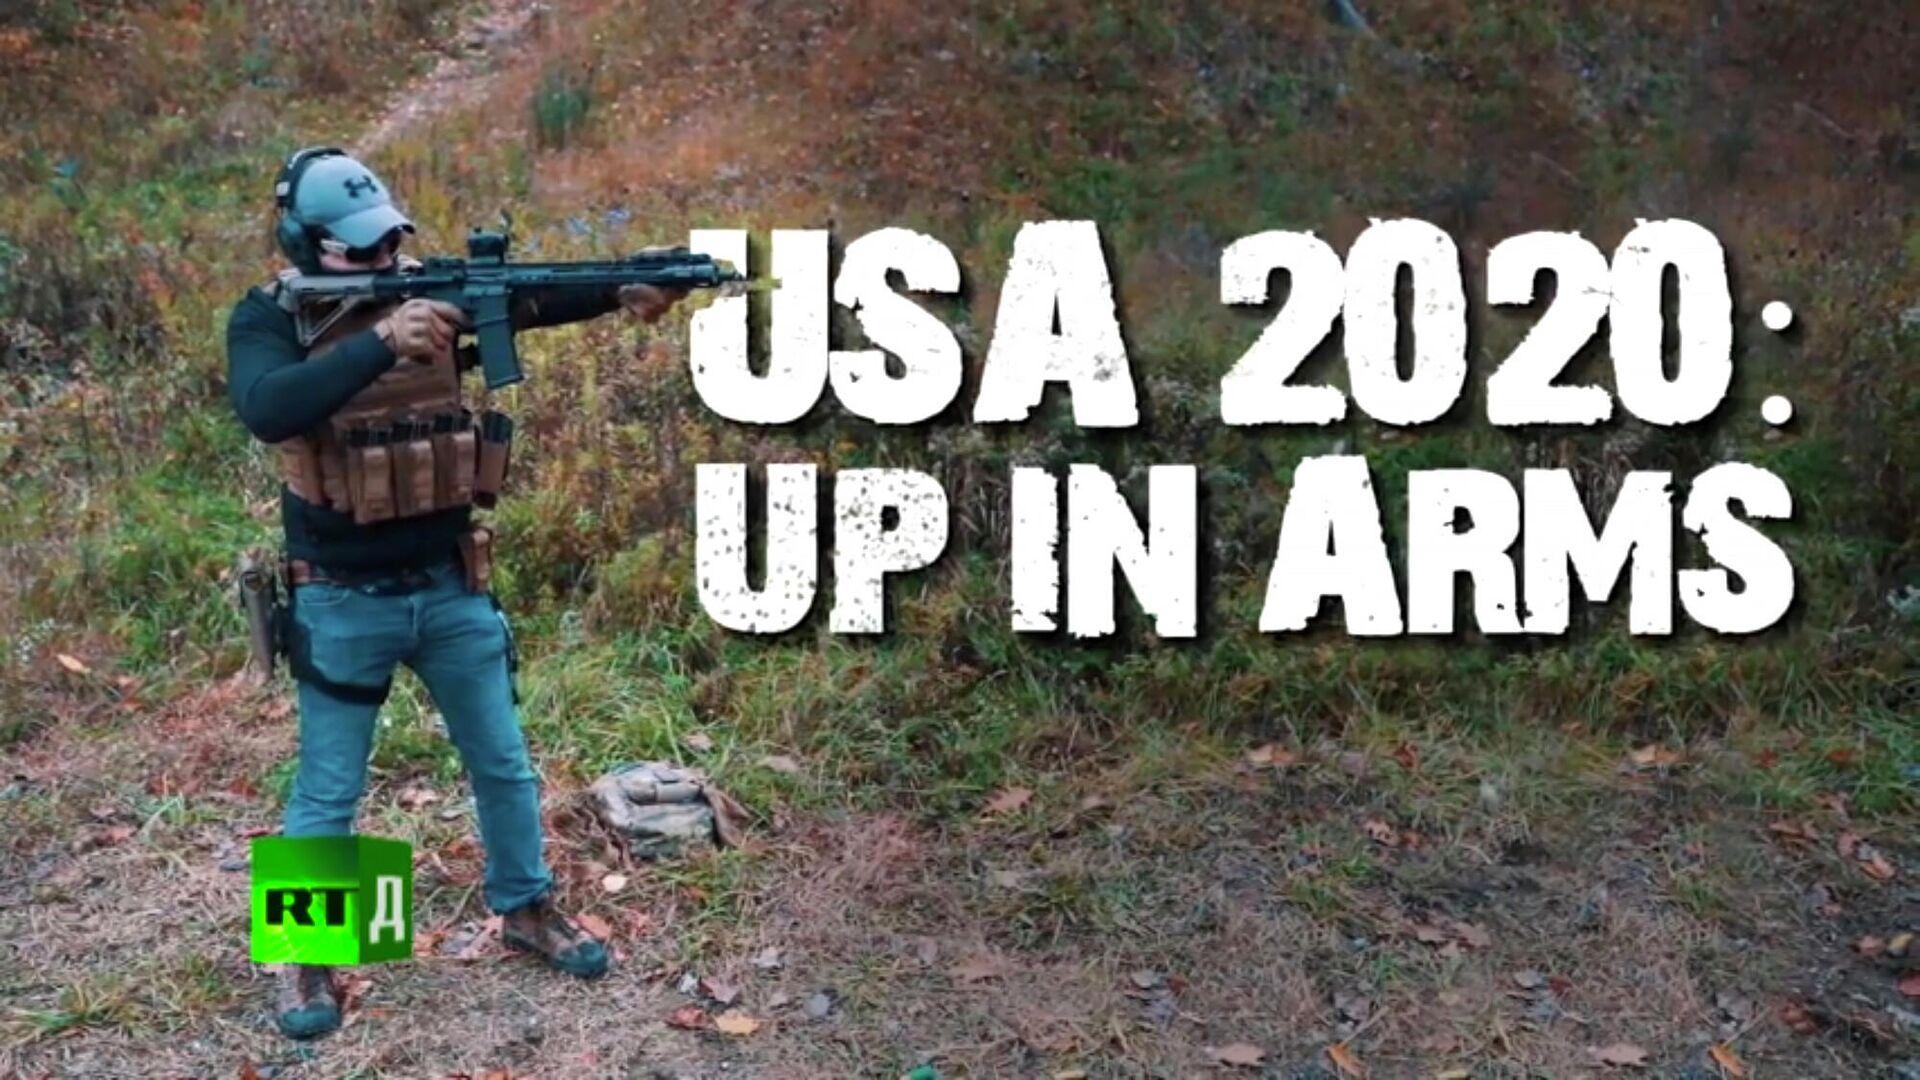 Документальный фильм USA 2020: Up in arms телеканала RT - РИА Новости, 1920, 12.11.2020